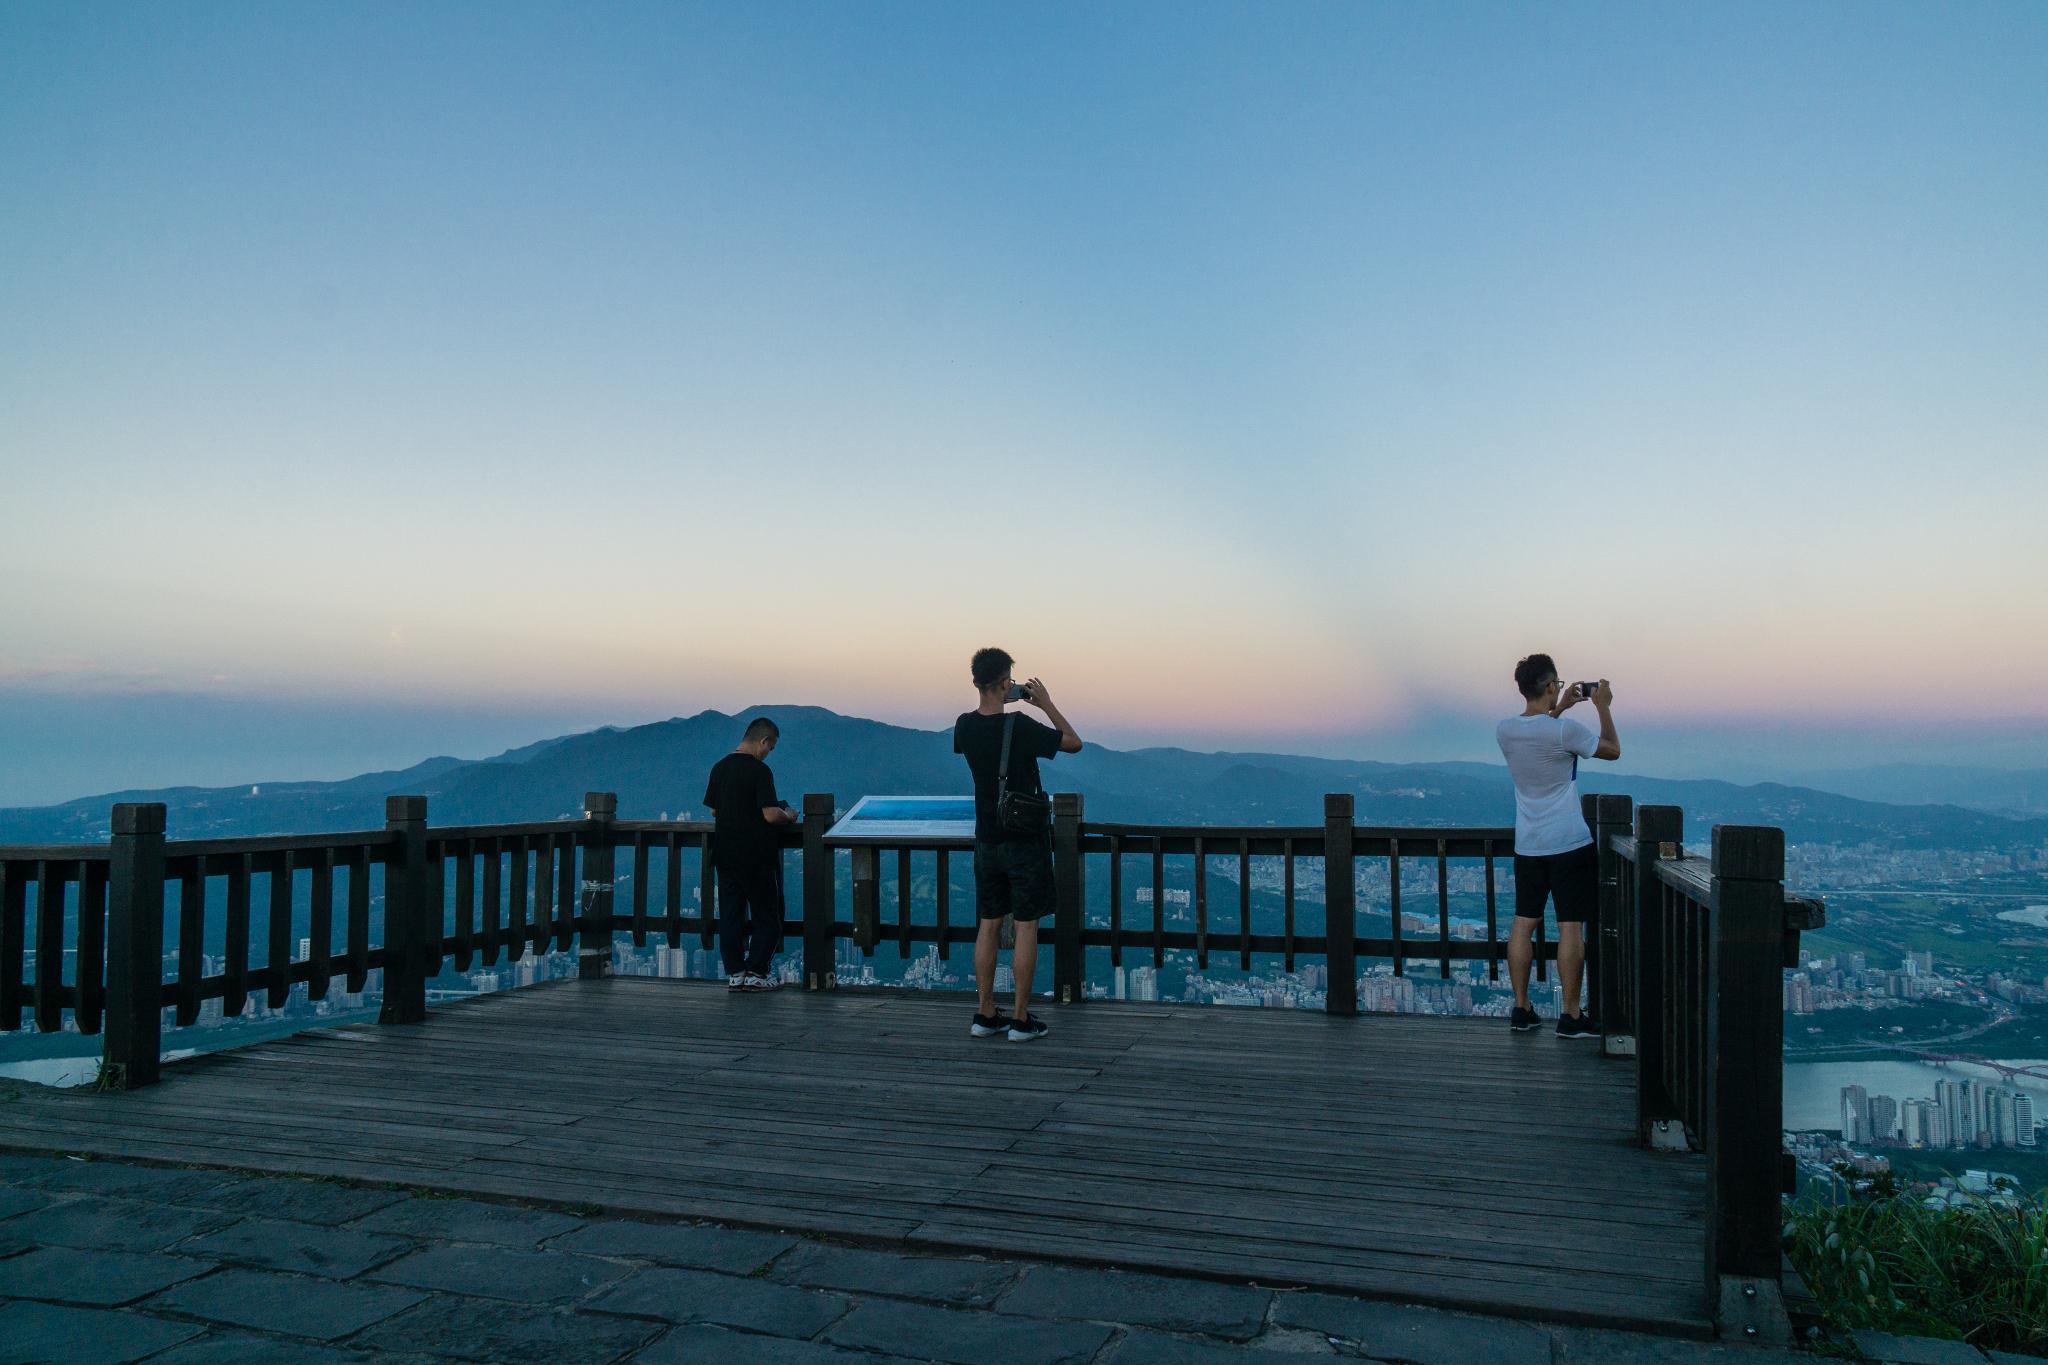 【臺北】觀音山硬漢嶺 — 瞭望大台北地區最推薦的觀景台 12